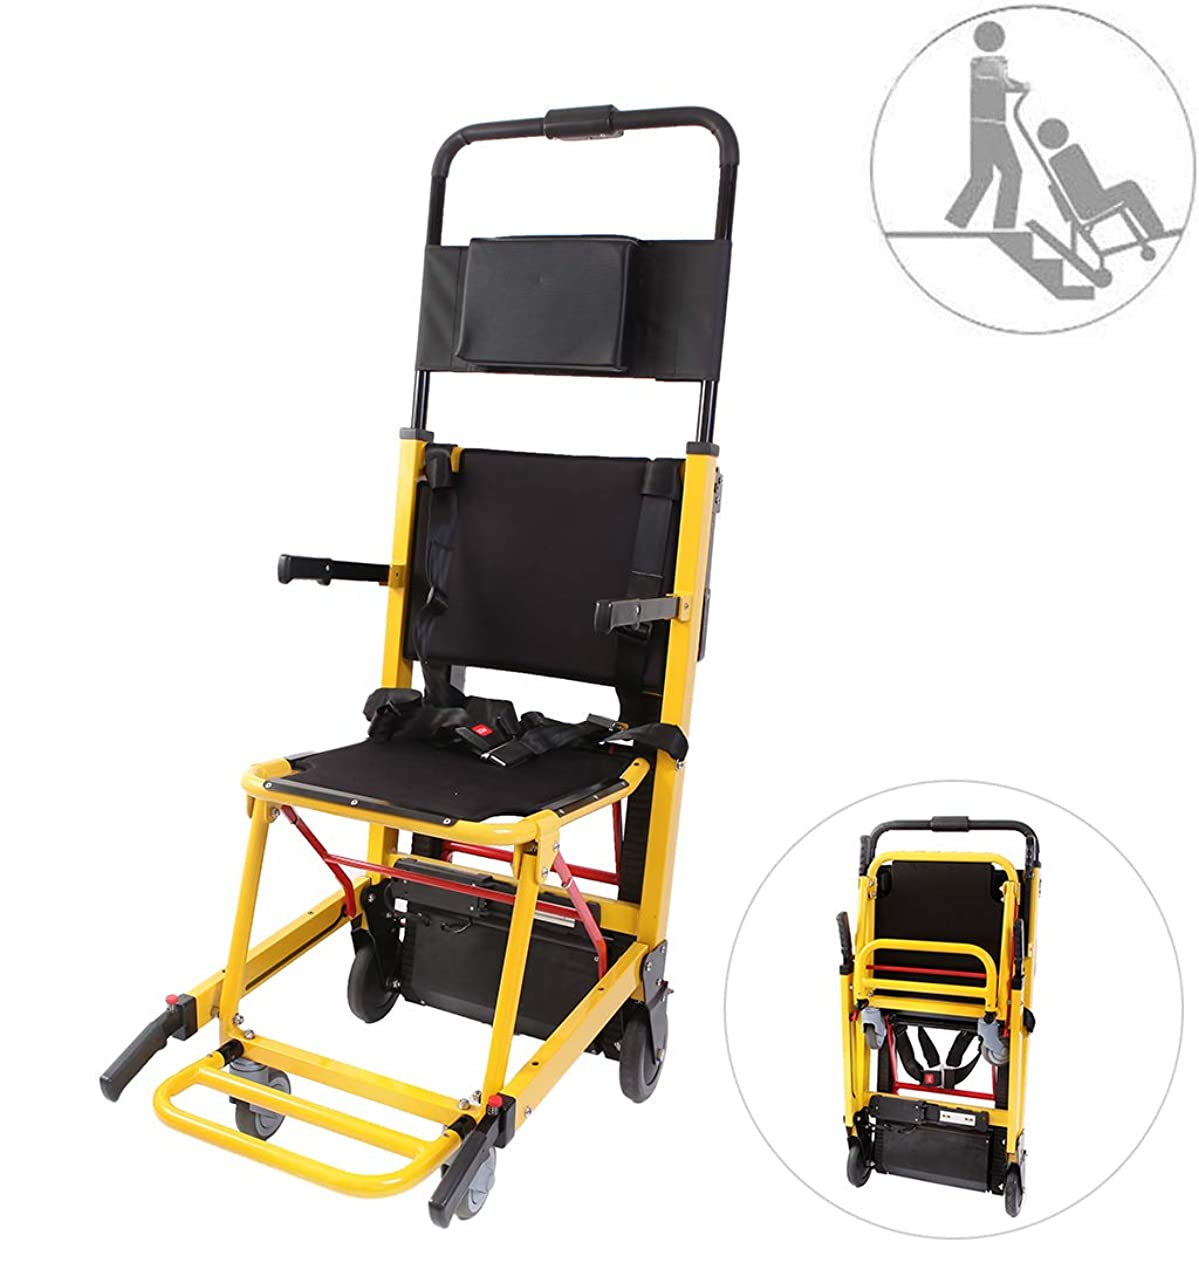 印象ウミウシ養うバッテリー駆動のトラック階段昇降チェアヘビーデューティーエマージェンシー軽量折りたたみ避難階段椅子、積載量365ポンド